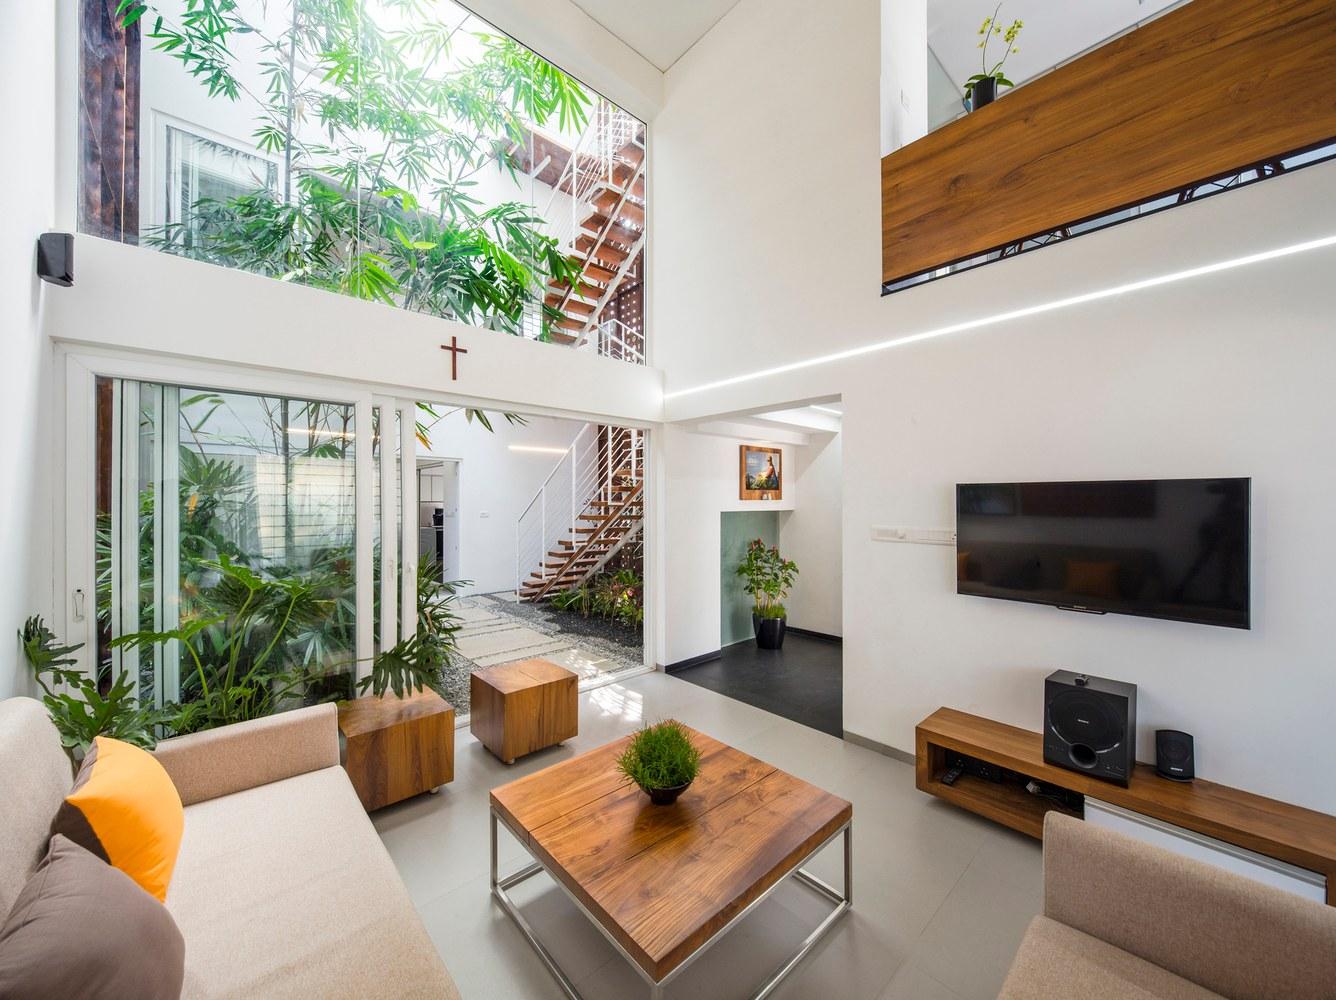 великолепный дом с крытым атриумом1